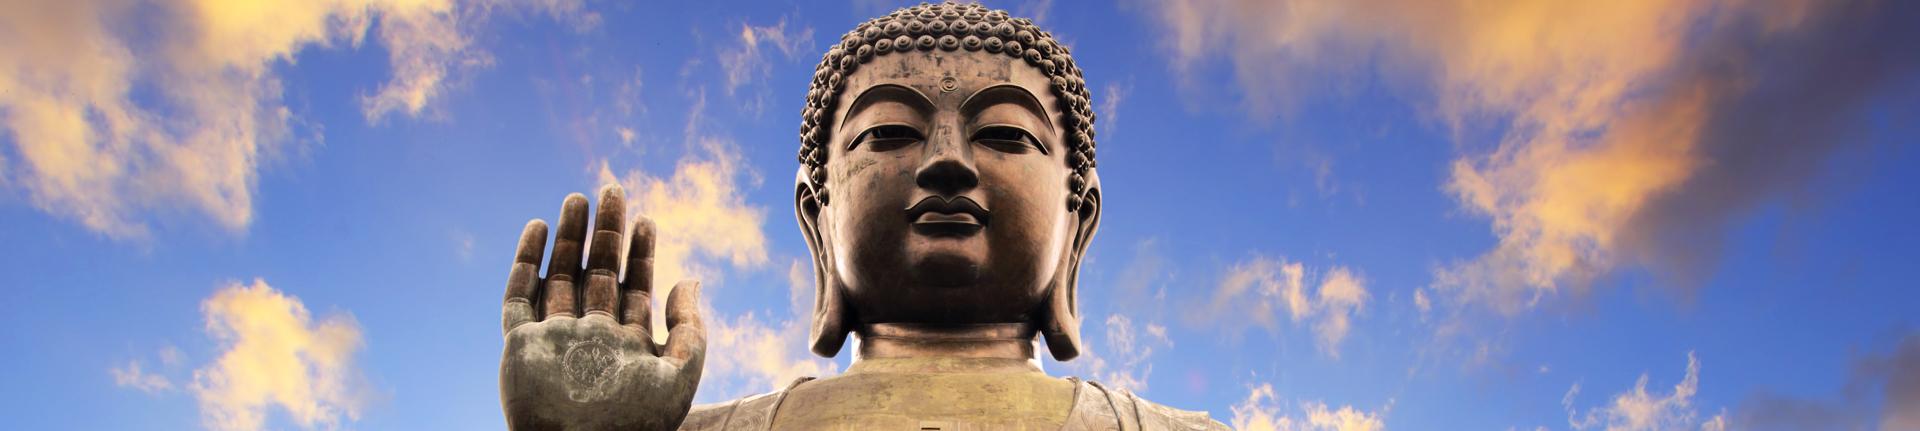 Budismo e Sidarta Gautama: a busca pela felicidade e libertação